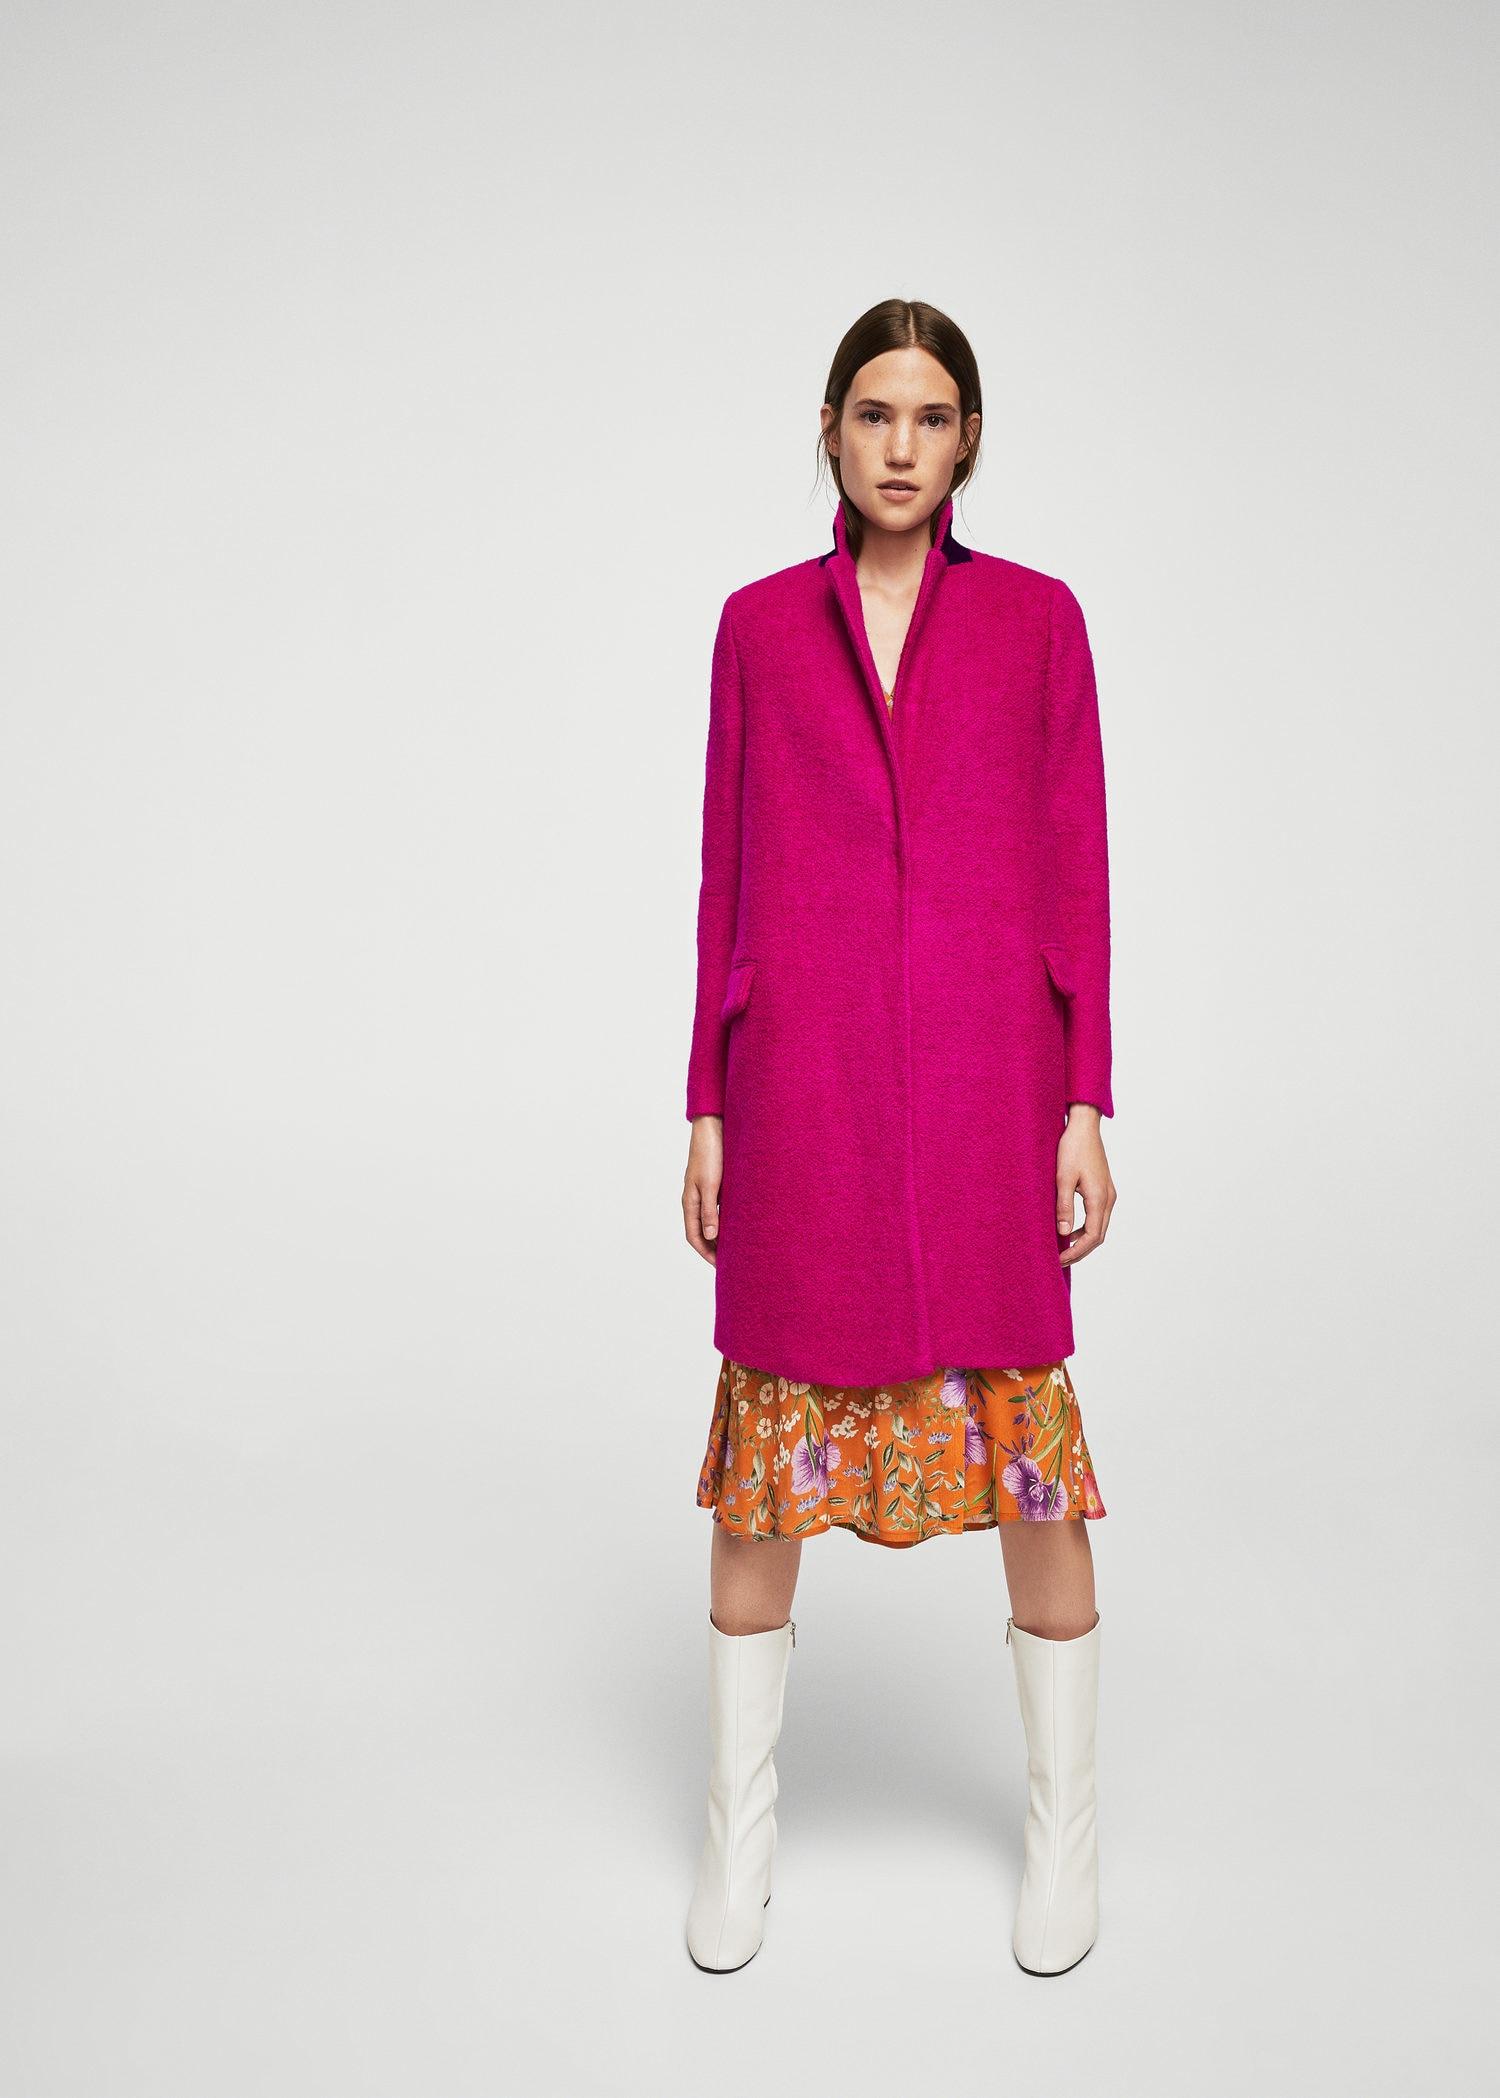 mode designer en ligne à la vente sortie en vente Femina | Look hivernal: quel manteau choisir?